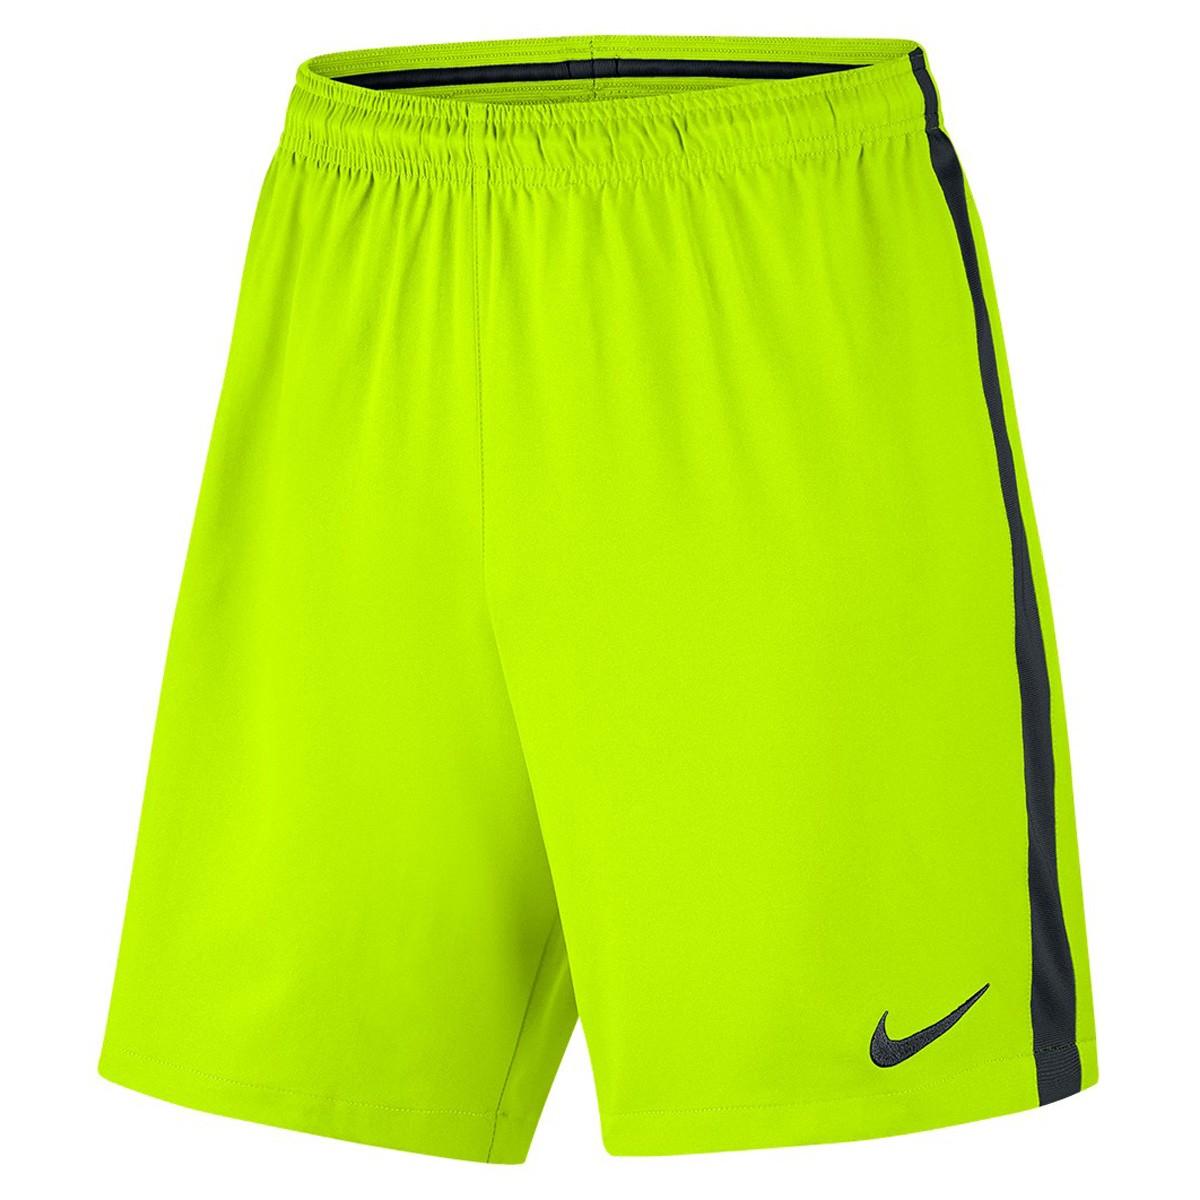 d5206826b9 Bermuda Masculina Nike Dry Squad 807682-702 - Verde Limão - Calçados ...